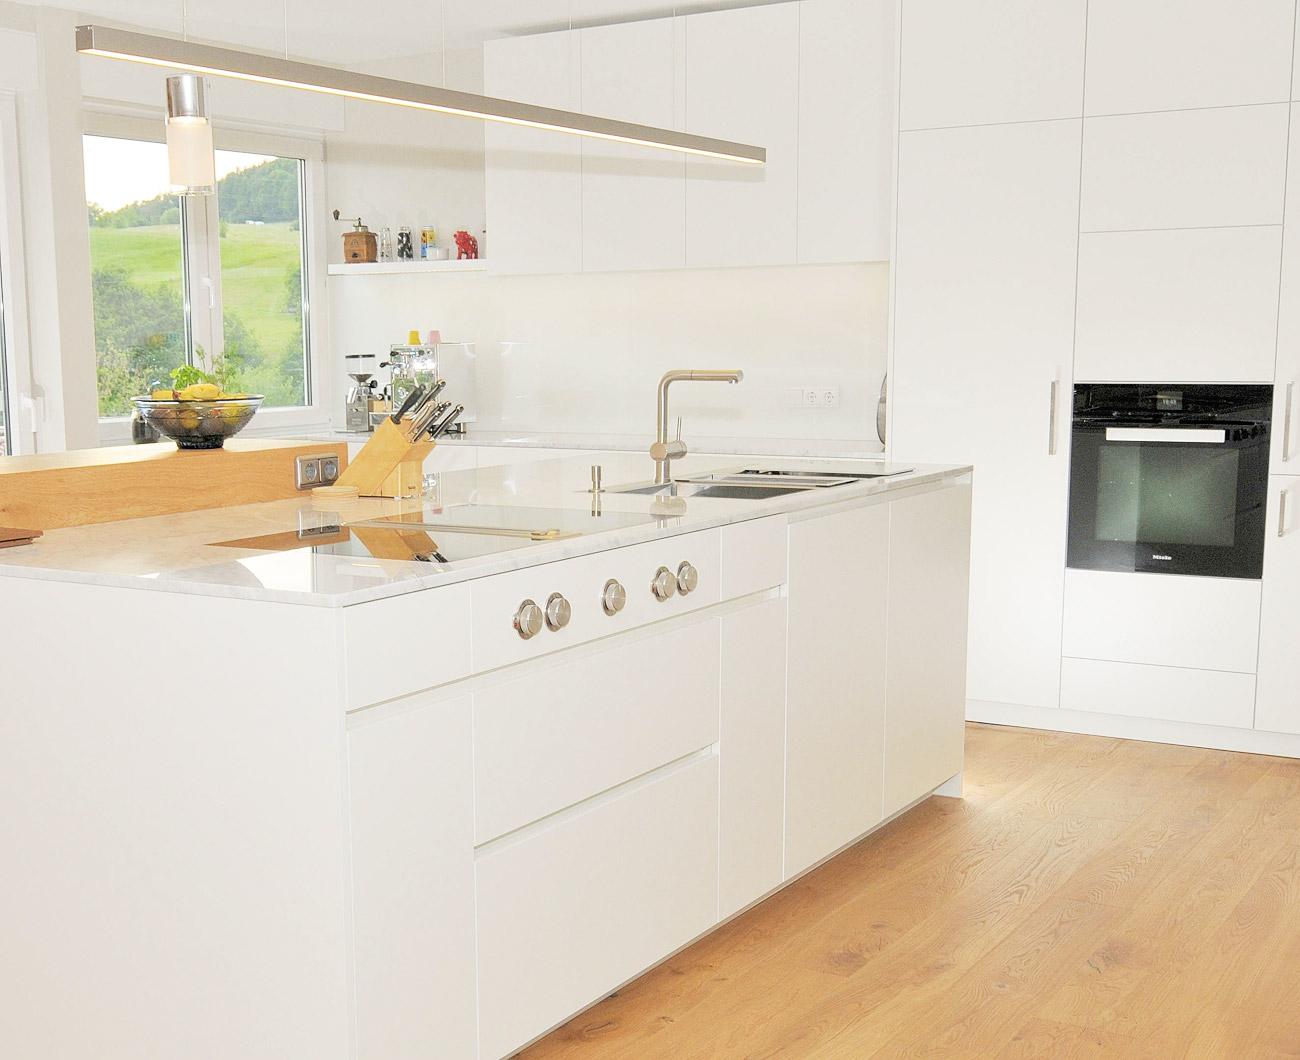 Fantastisch Weiß Schüttler Küche Fotos Ideen - Ideen Für Die Küche ...